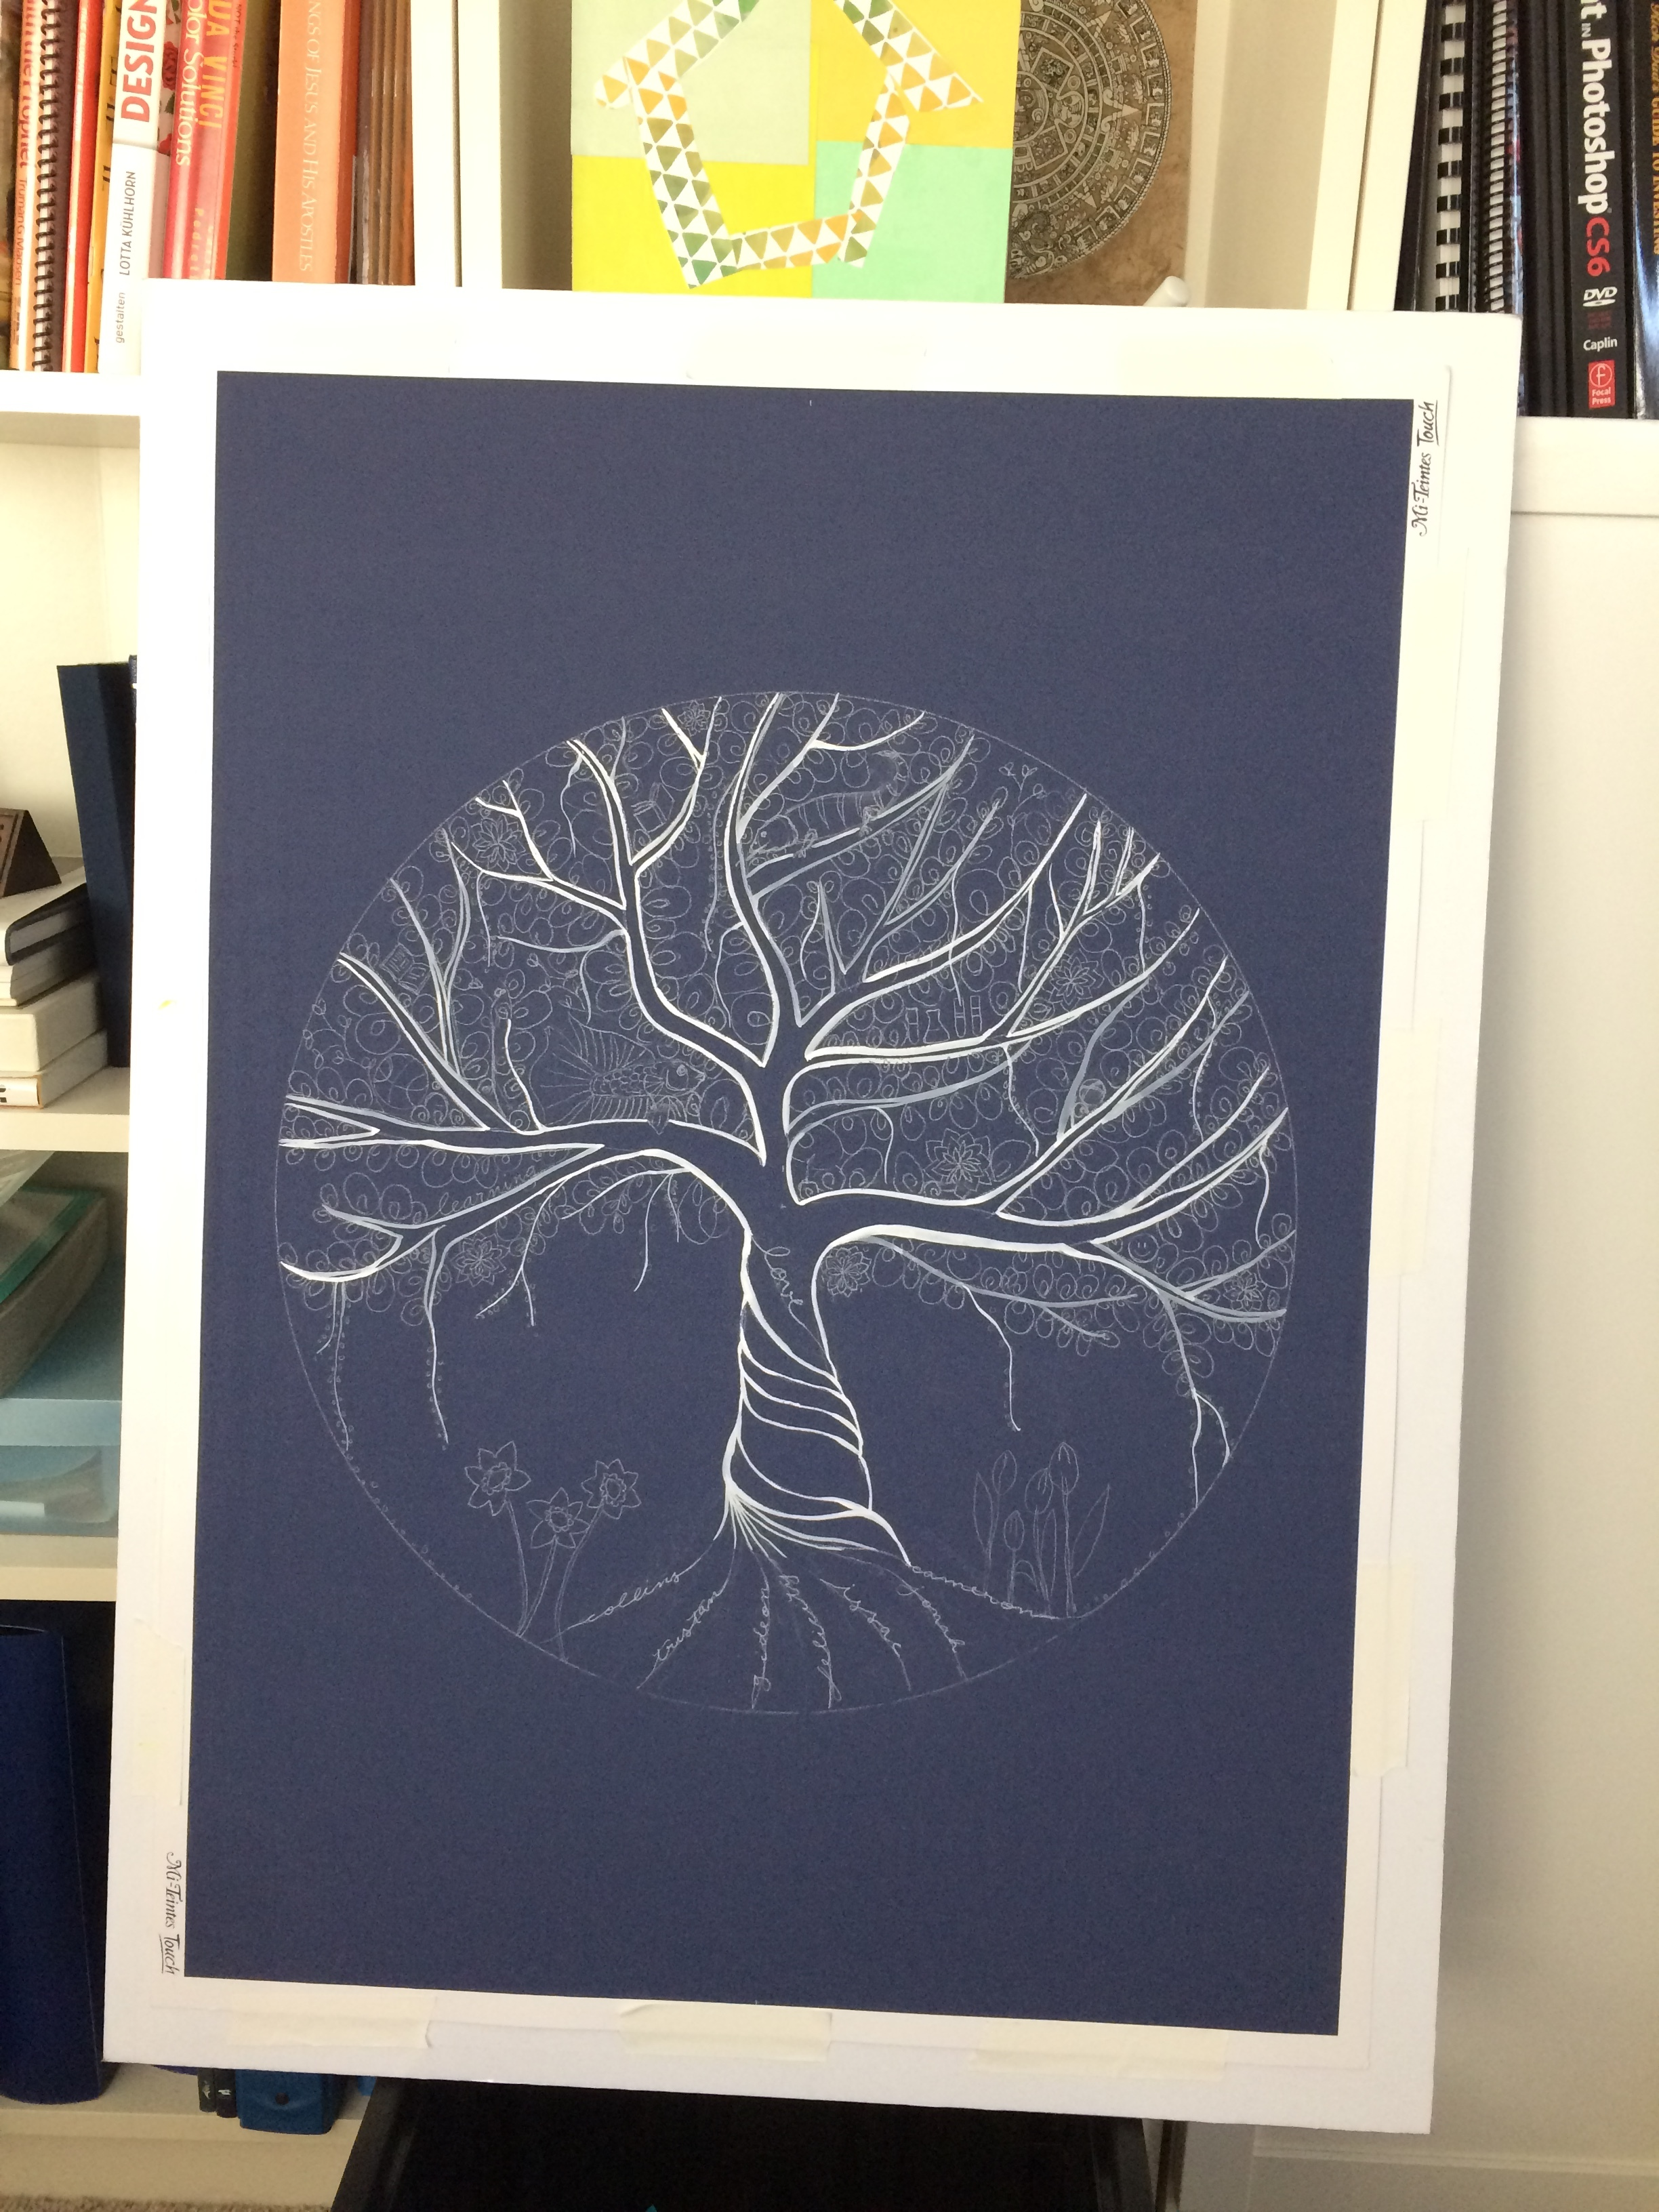 inking the tree